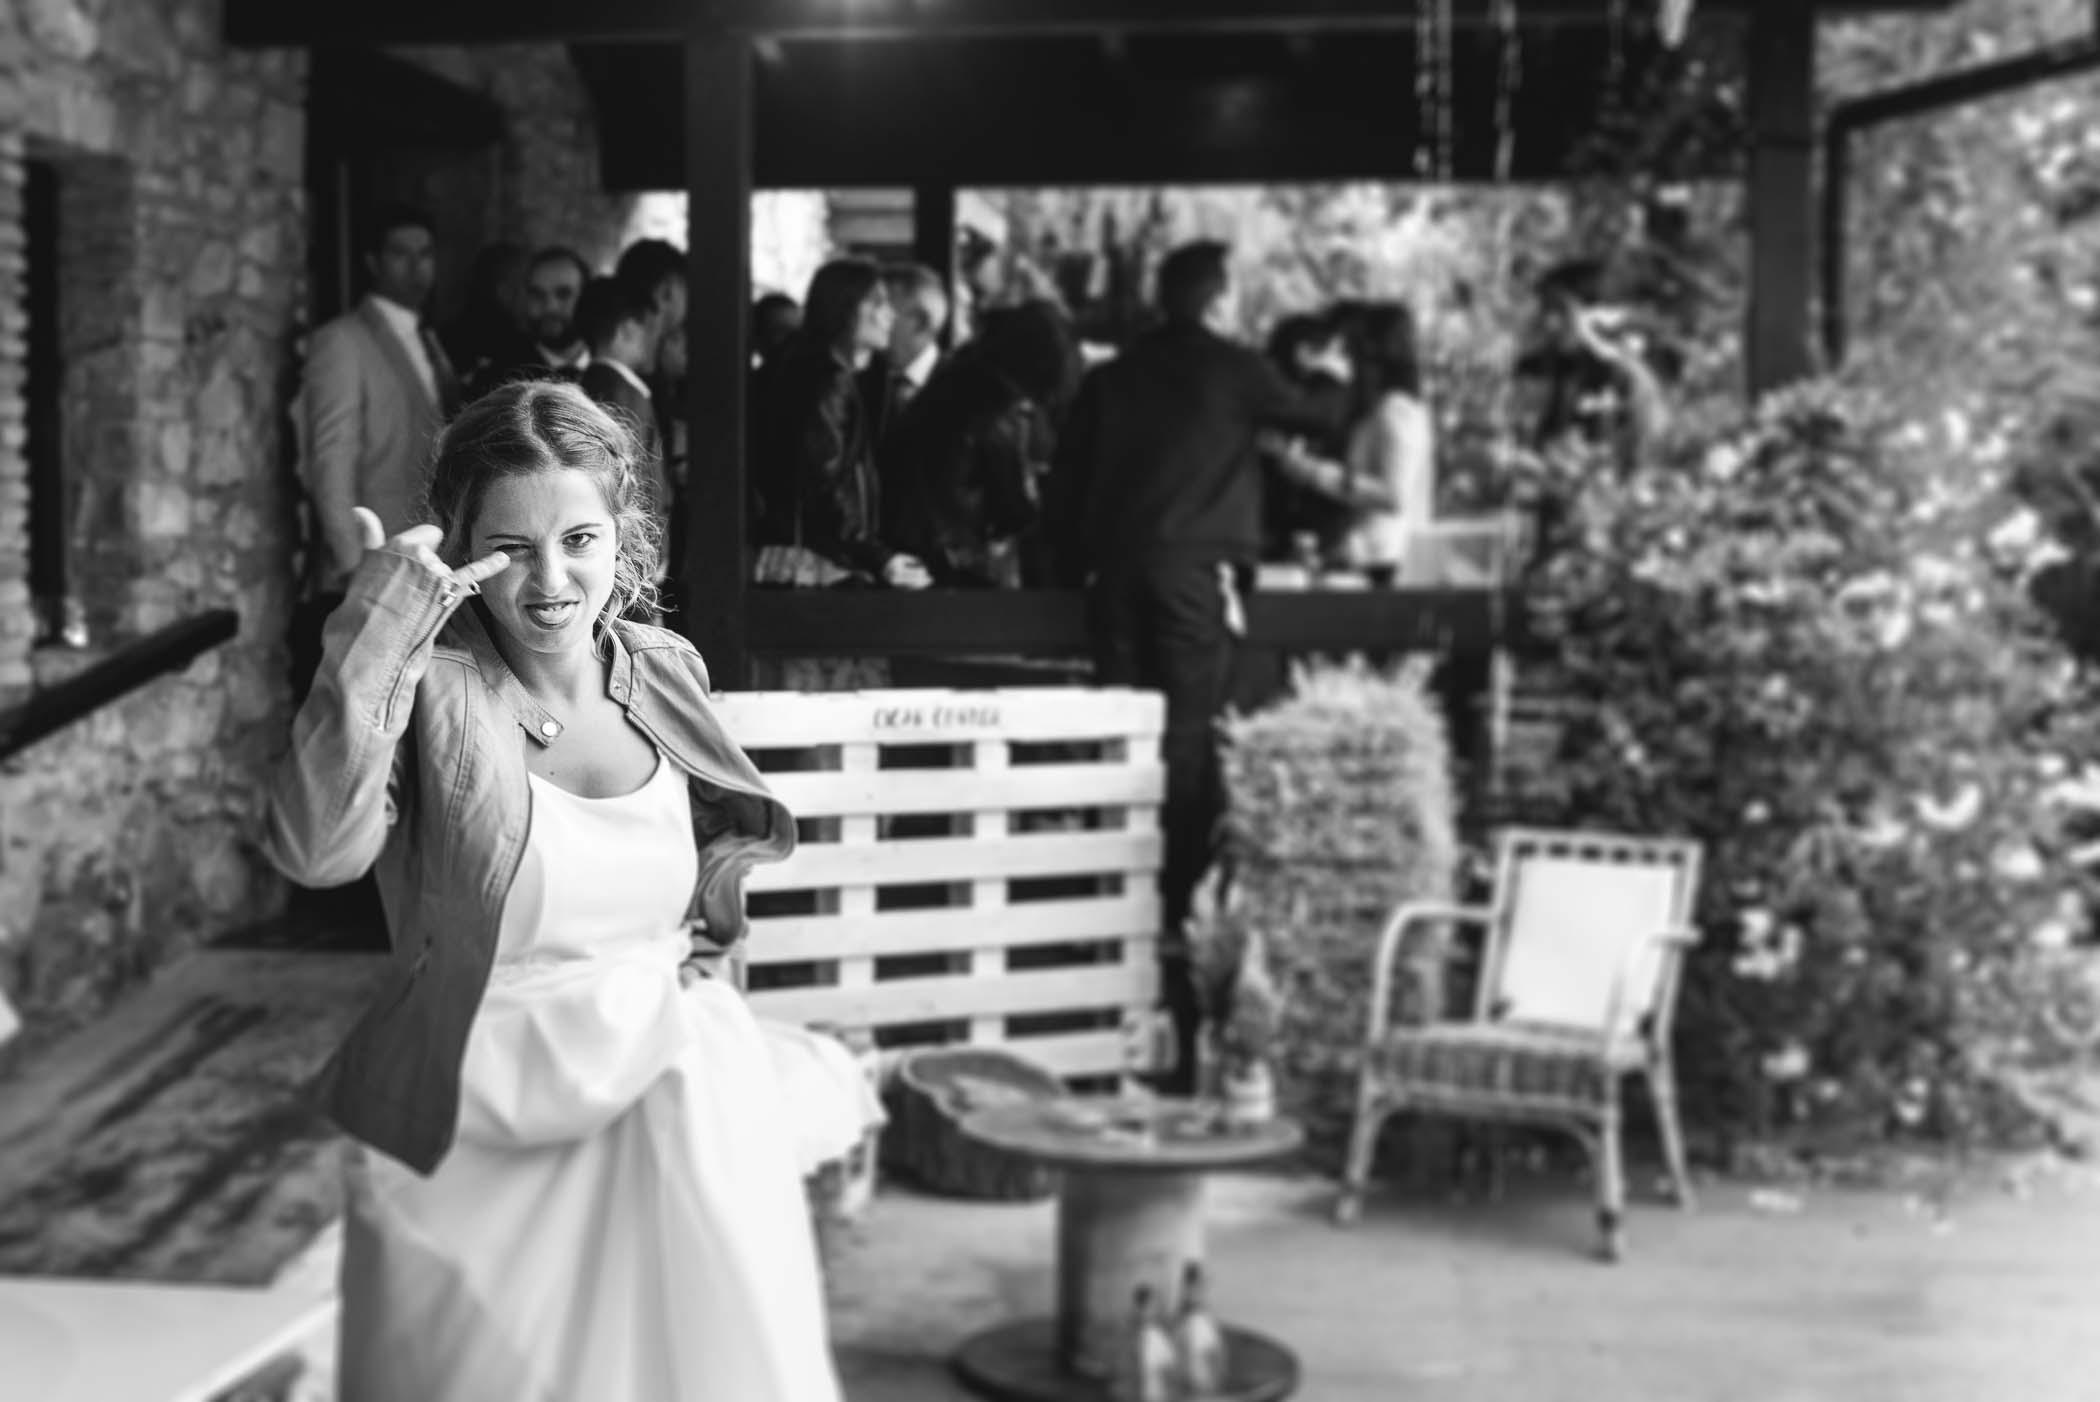 novia millennial celebrando su boda haciendo un gesto divertido